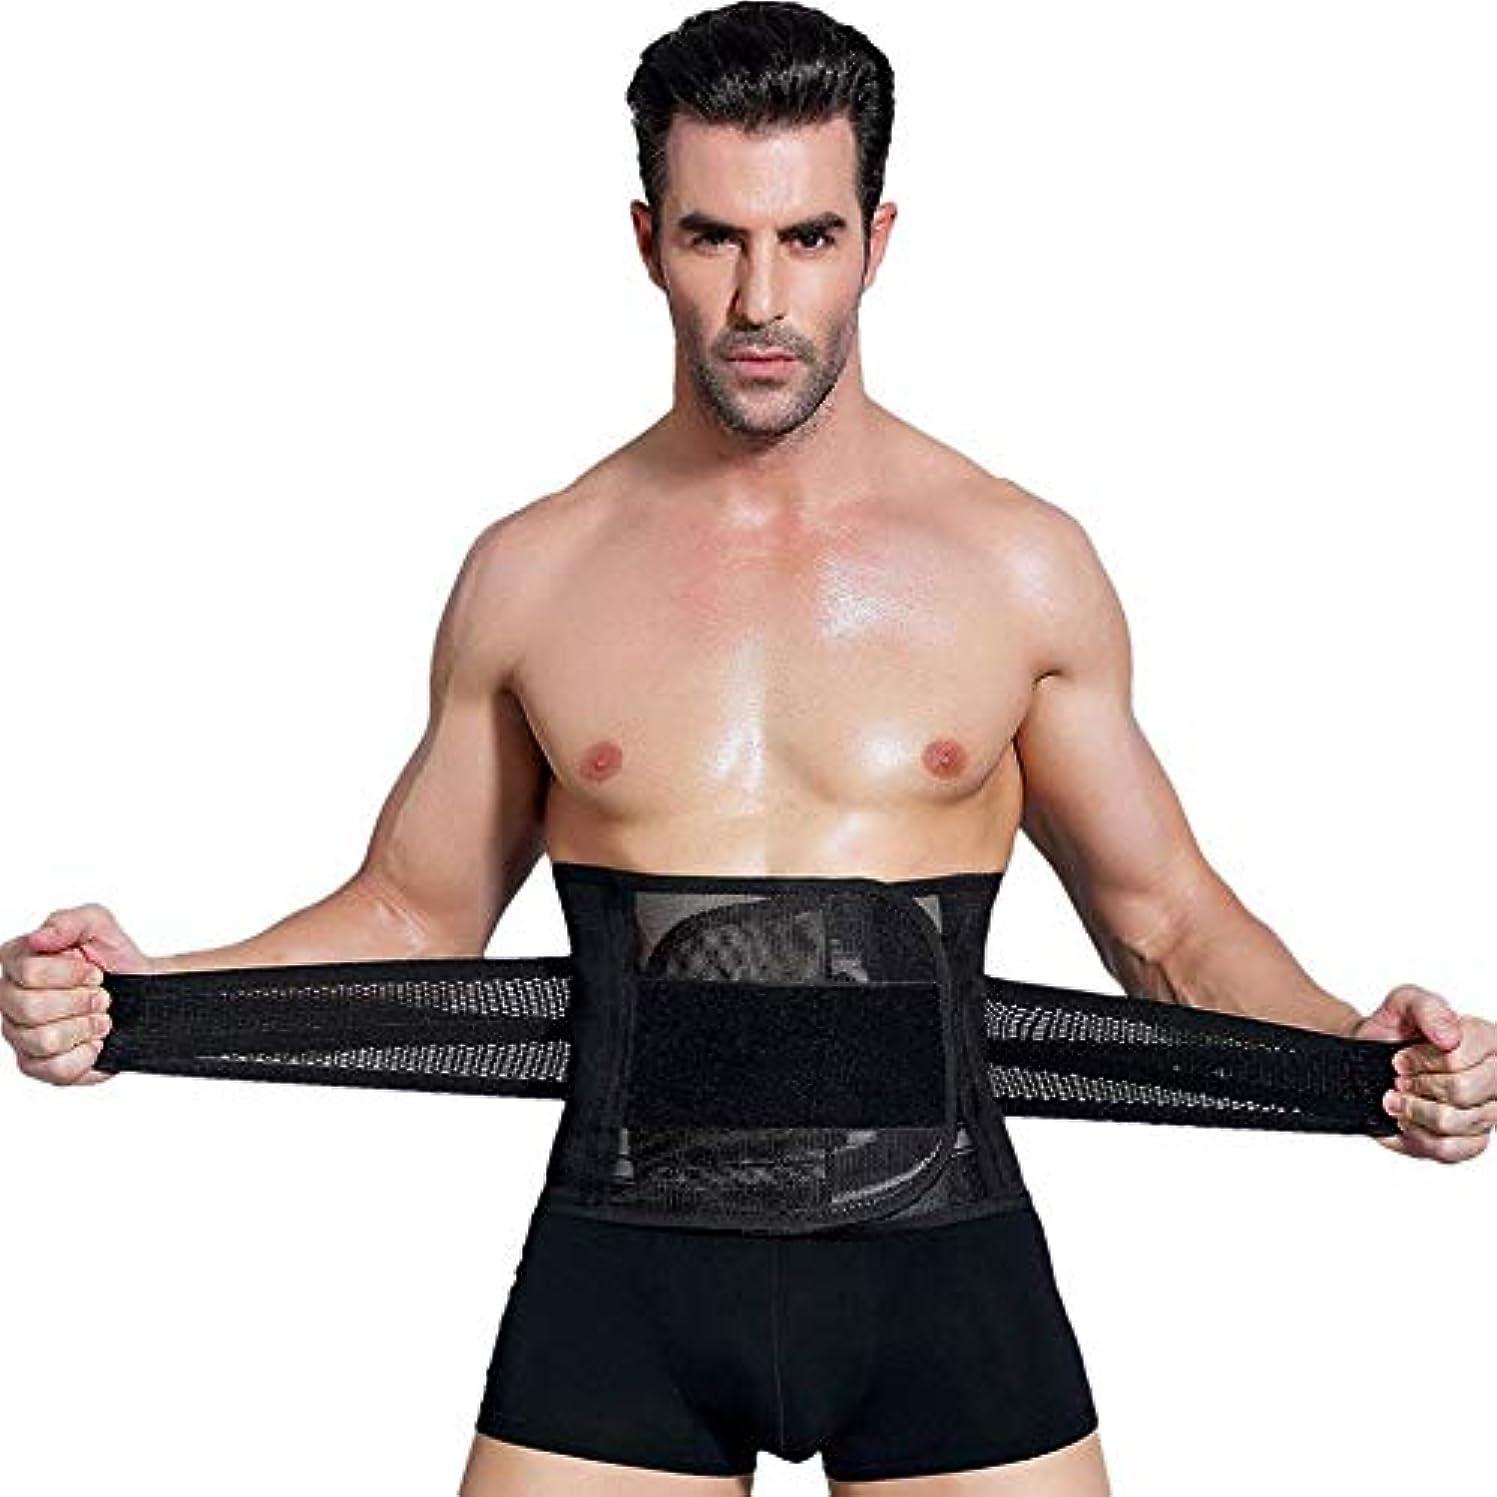 パシフィックお祝い楽しむ男性ボディシェイパーコルセット腹部おなかコントロールウエストトレーナーニッパー脂肪燃焼ガードル痩身腹ベルト用男性 - ブラックXXL